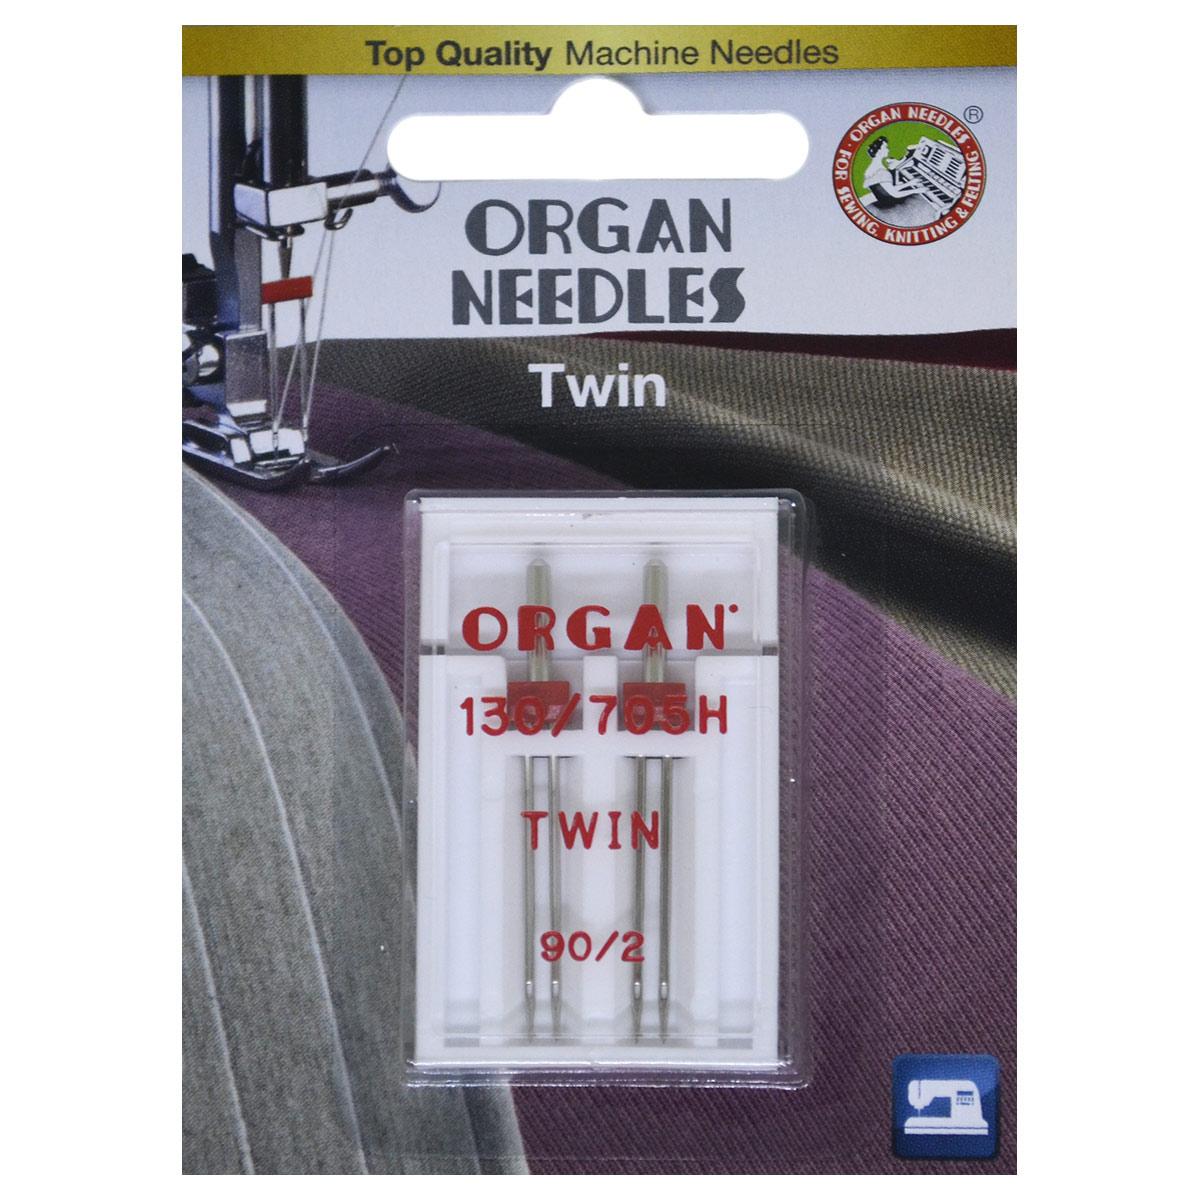 ORGAN иглы двойные 2-90/2 Blister